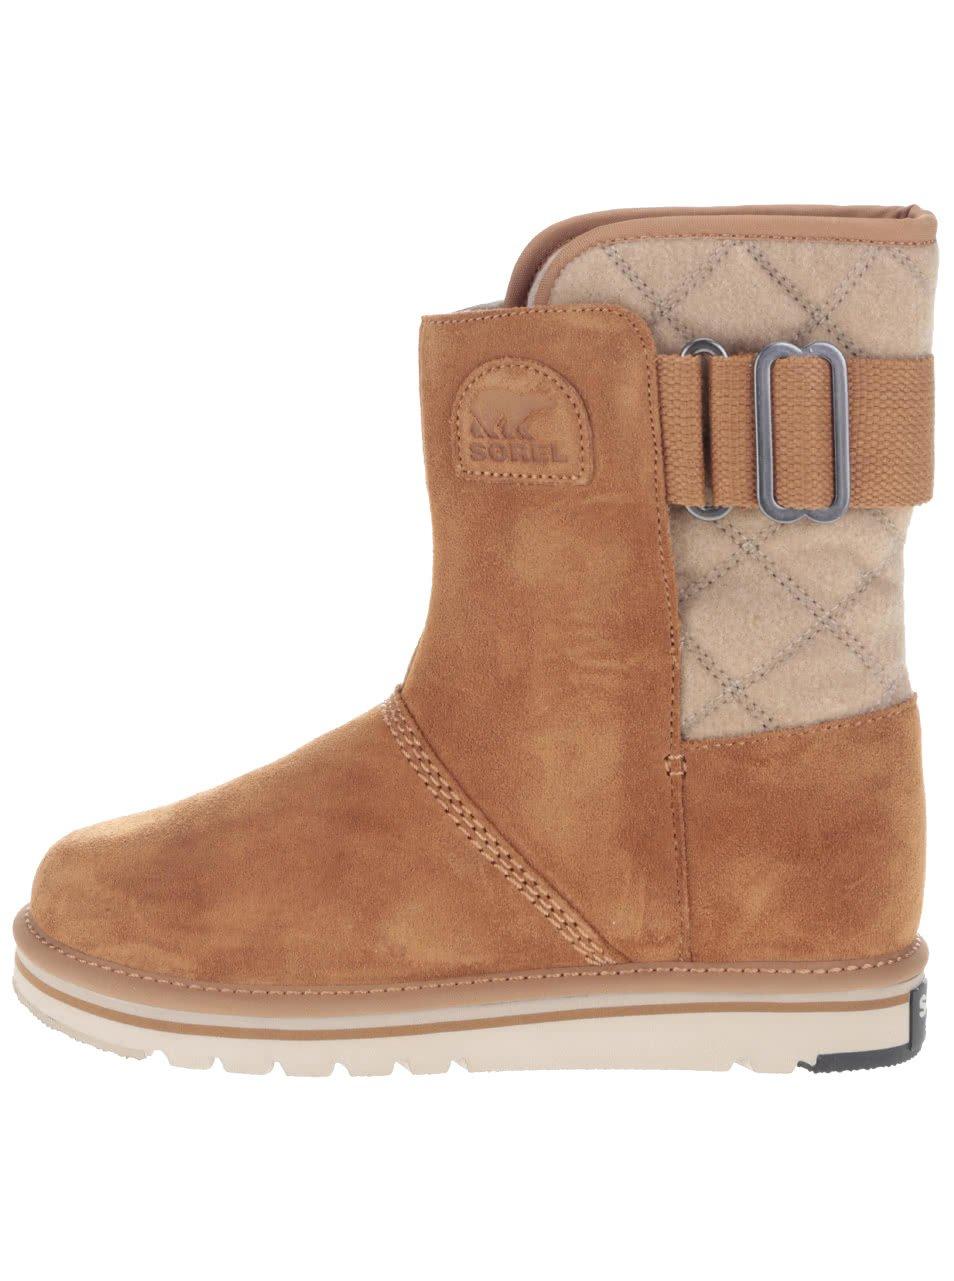 Světle hnědé kožené voděodolné zimní boty SOREL Newbie